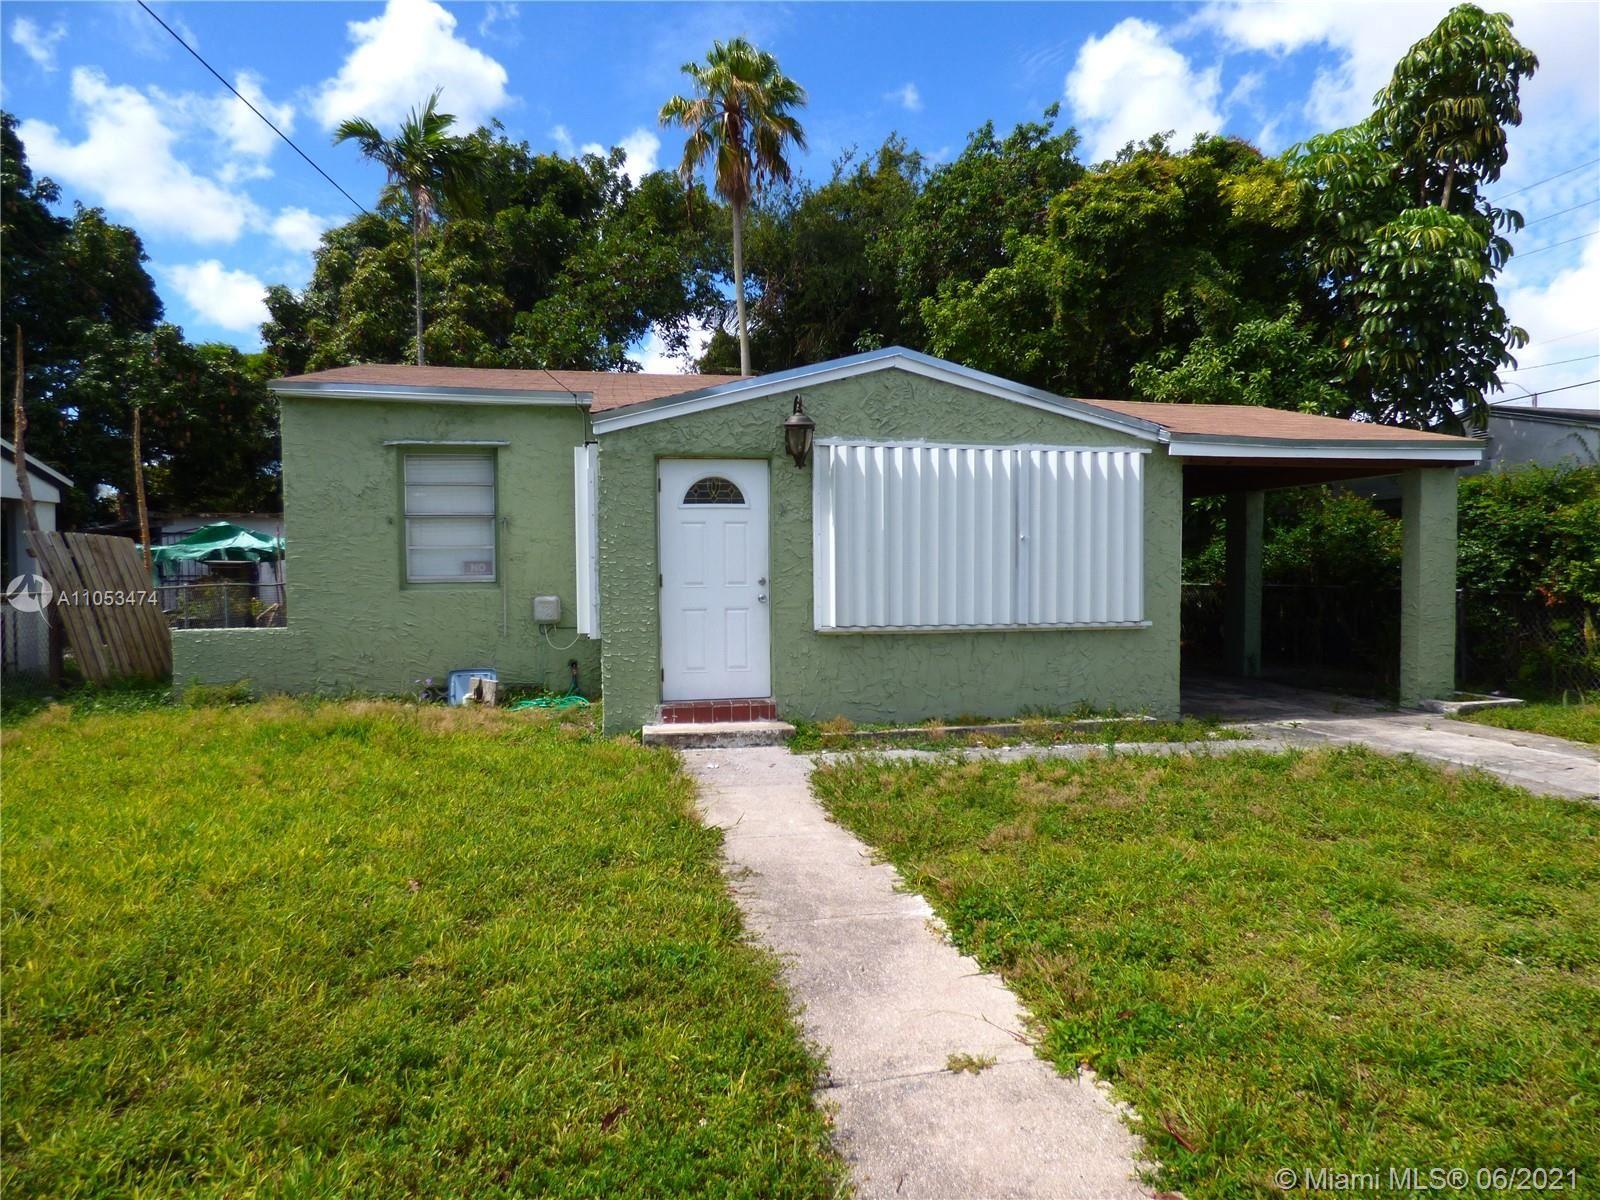 1790 NW 56th St, Miami, FL 33142 - #: A11053474